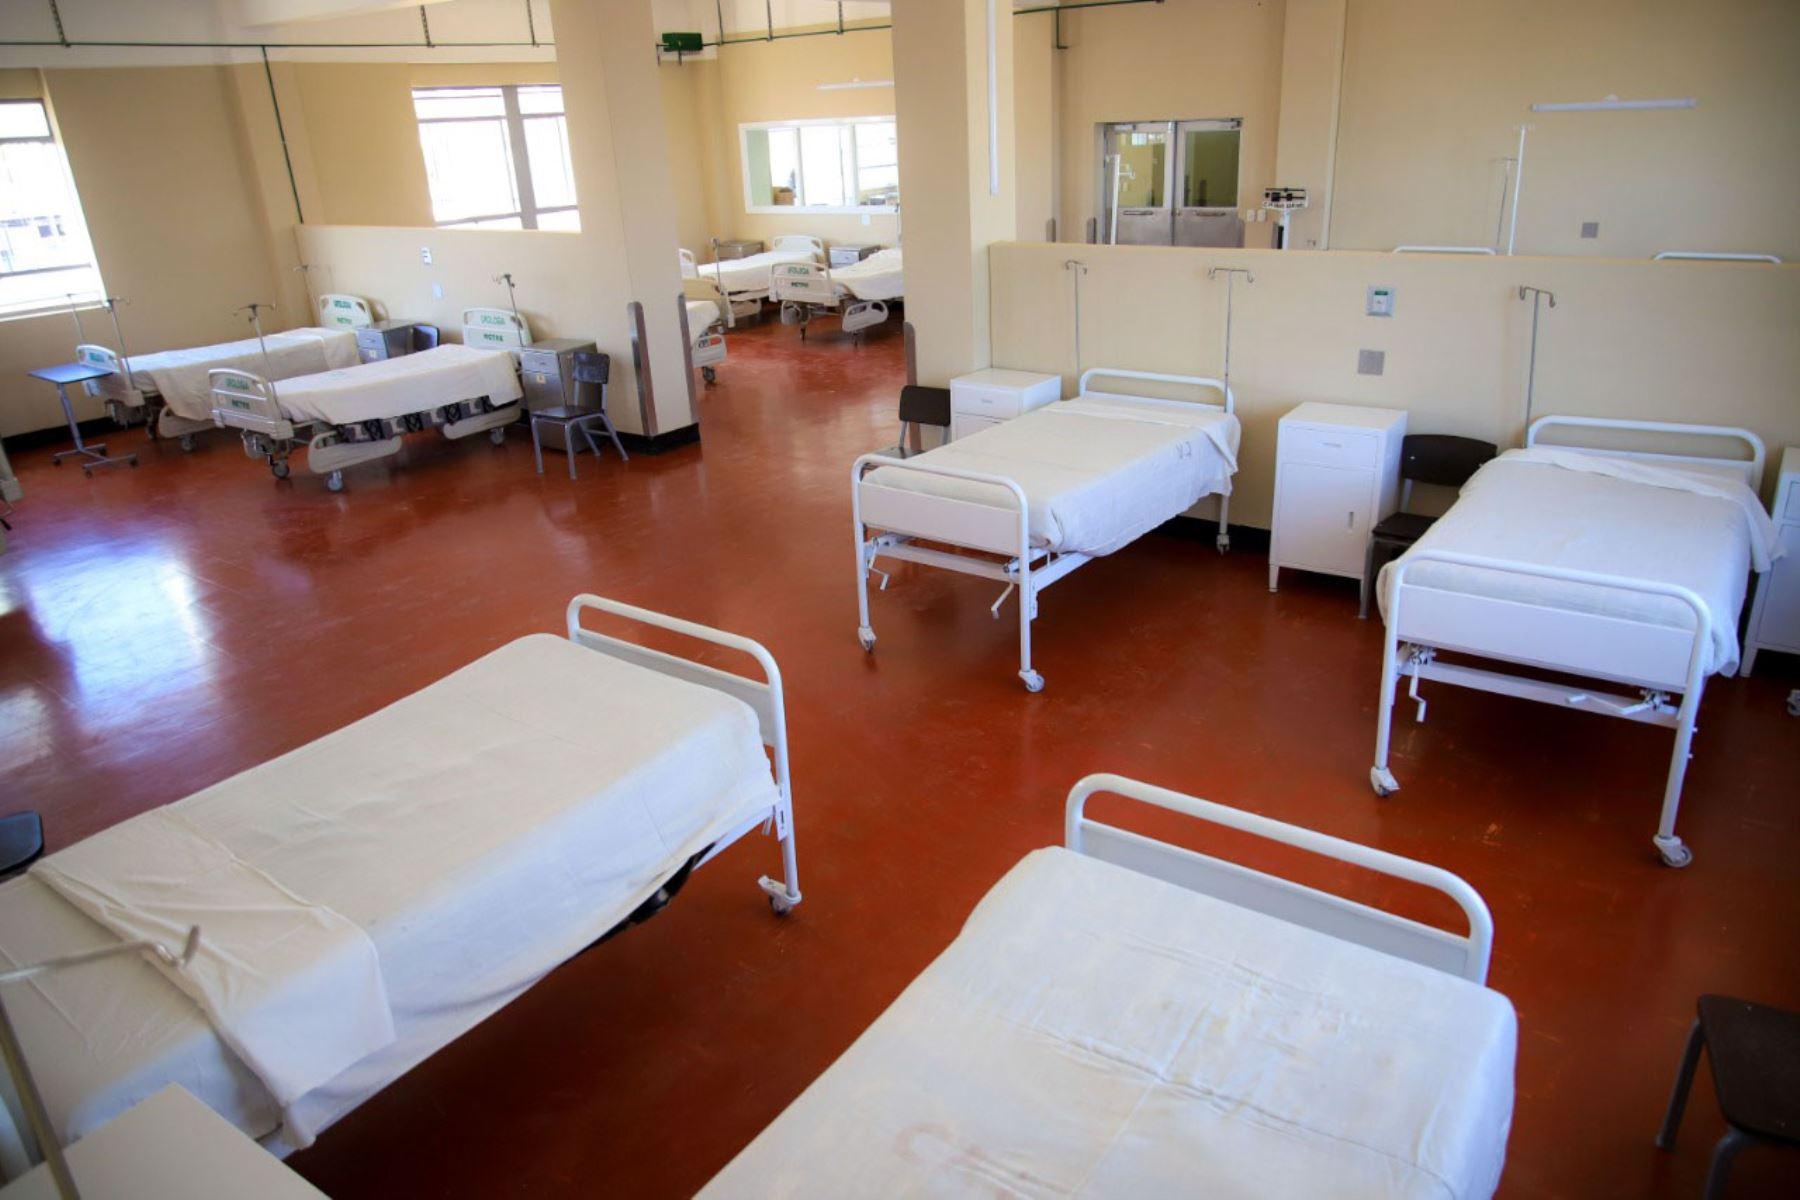 Habilitan más camas en el hospital covid-19 de Arequipa para la atención de pacientes moderados. Foto: Gobierno Regional de Arequipa